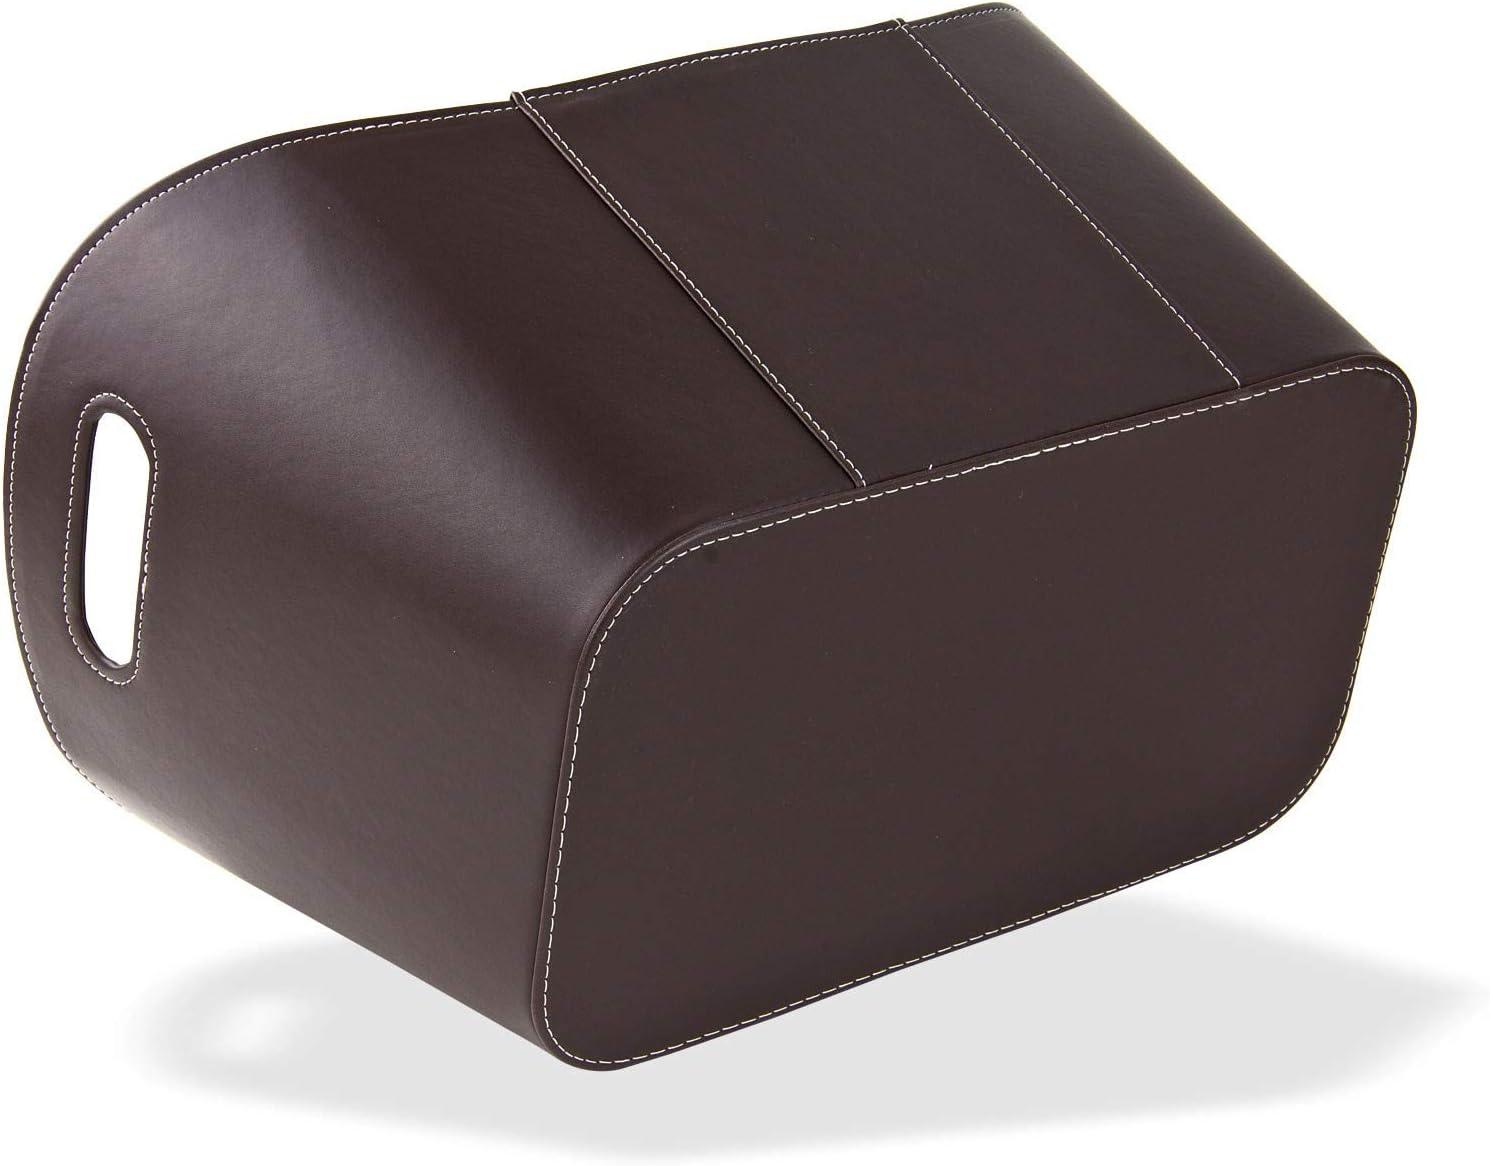 Madera Cesta – Leña Cesta – Cesta para leña – Chimenea madera piel  sintética de calidad en negro y marrón 18 x 18 x 18 cm, Marrón